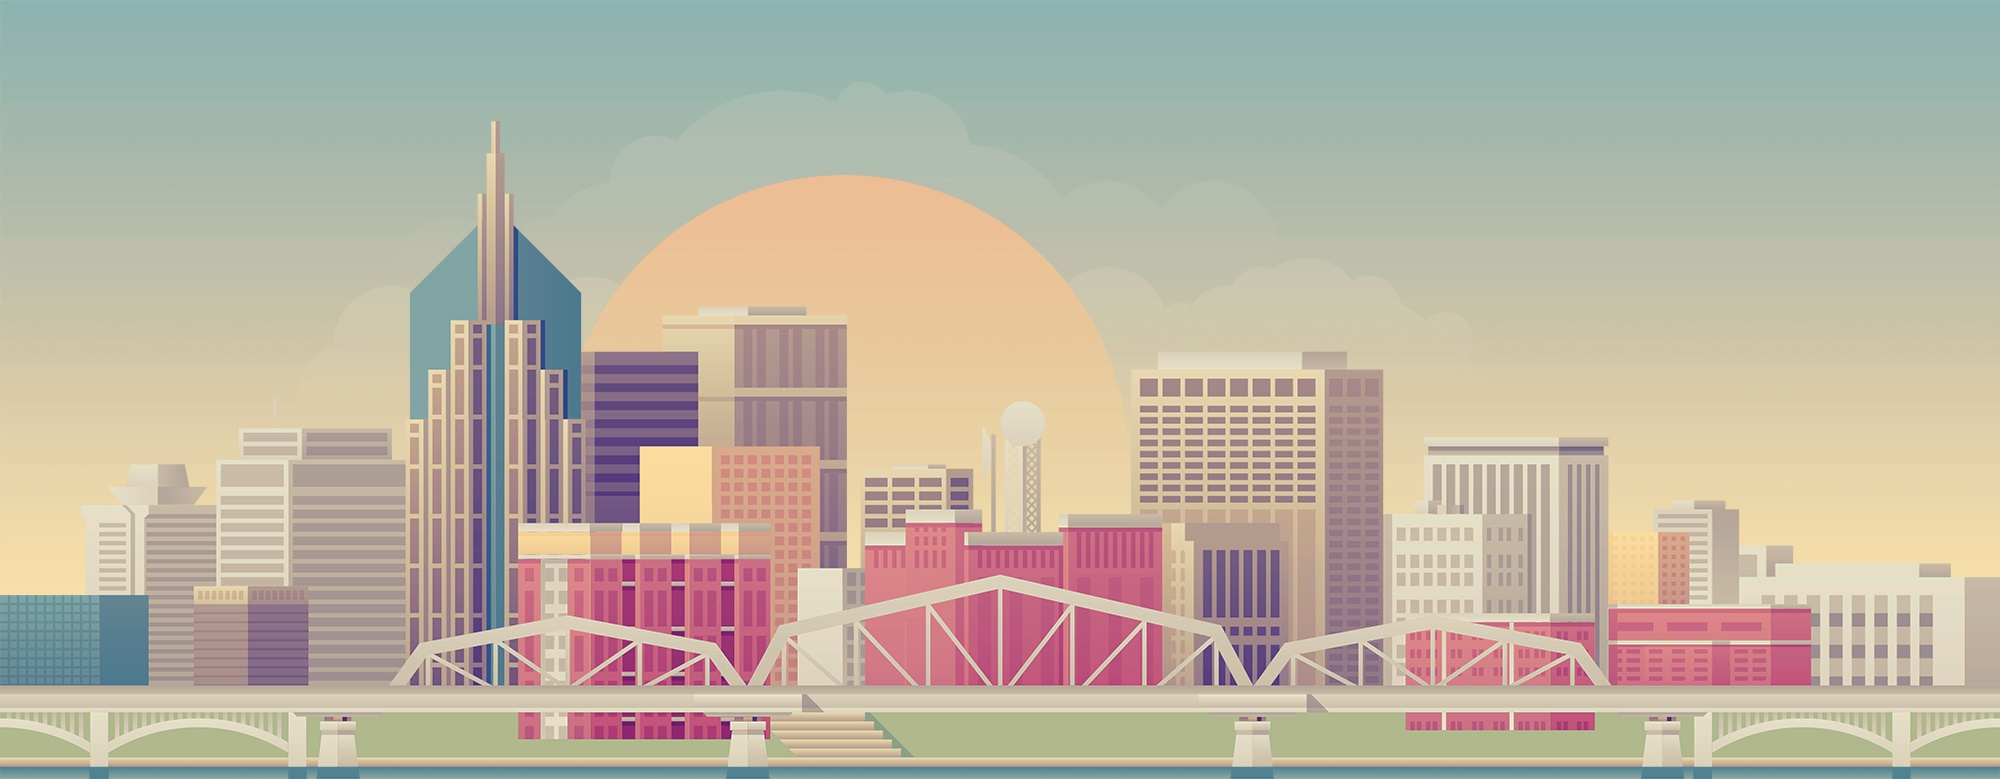 Nashville large